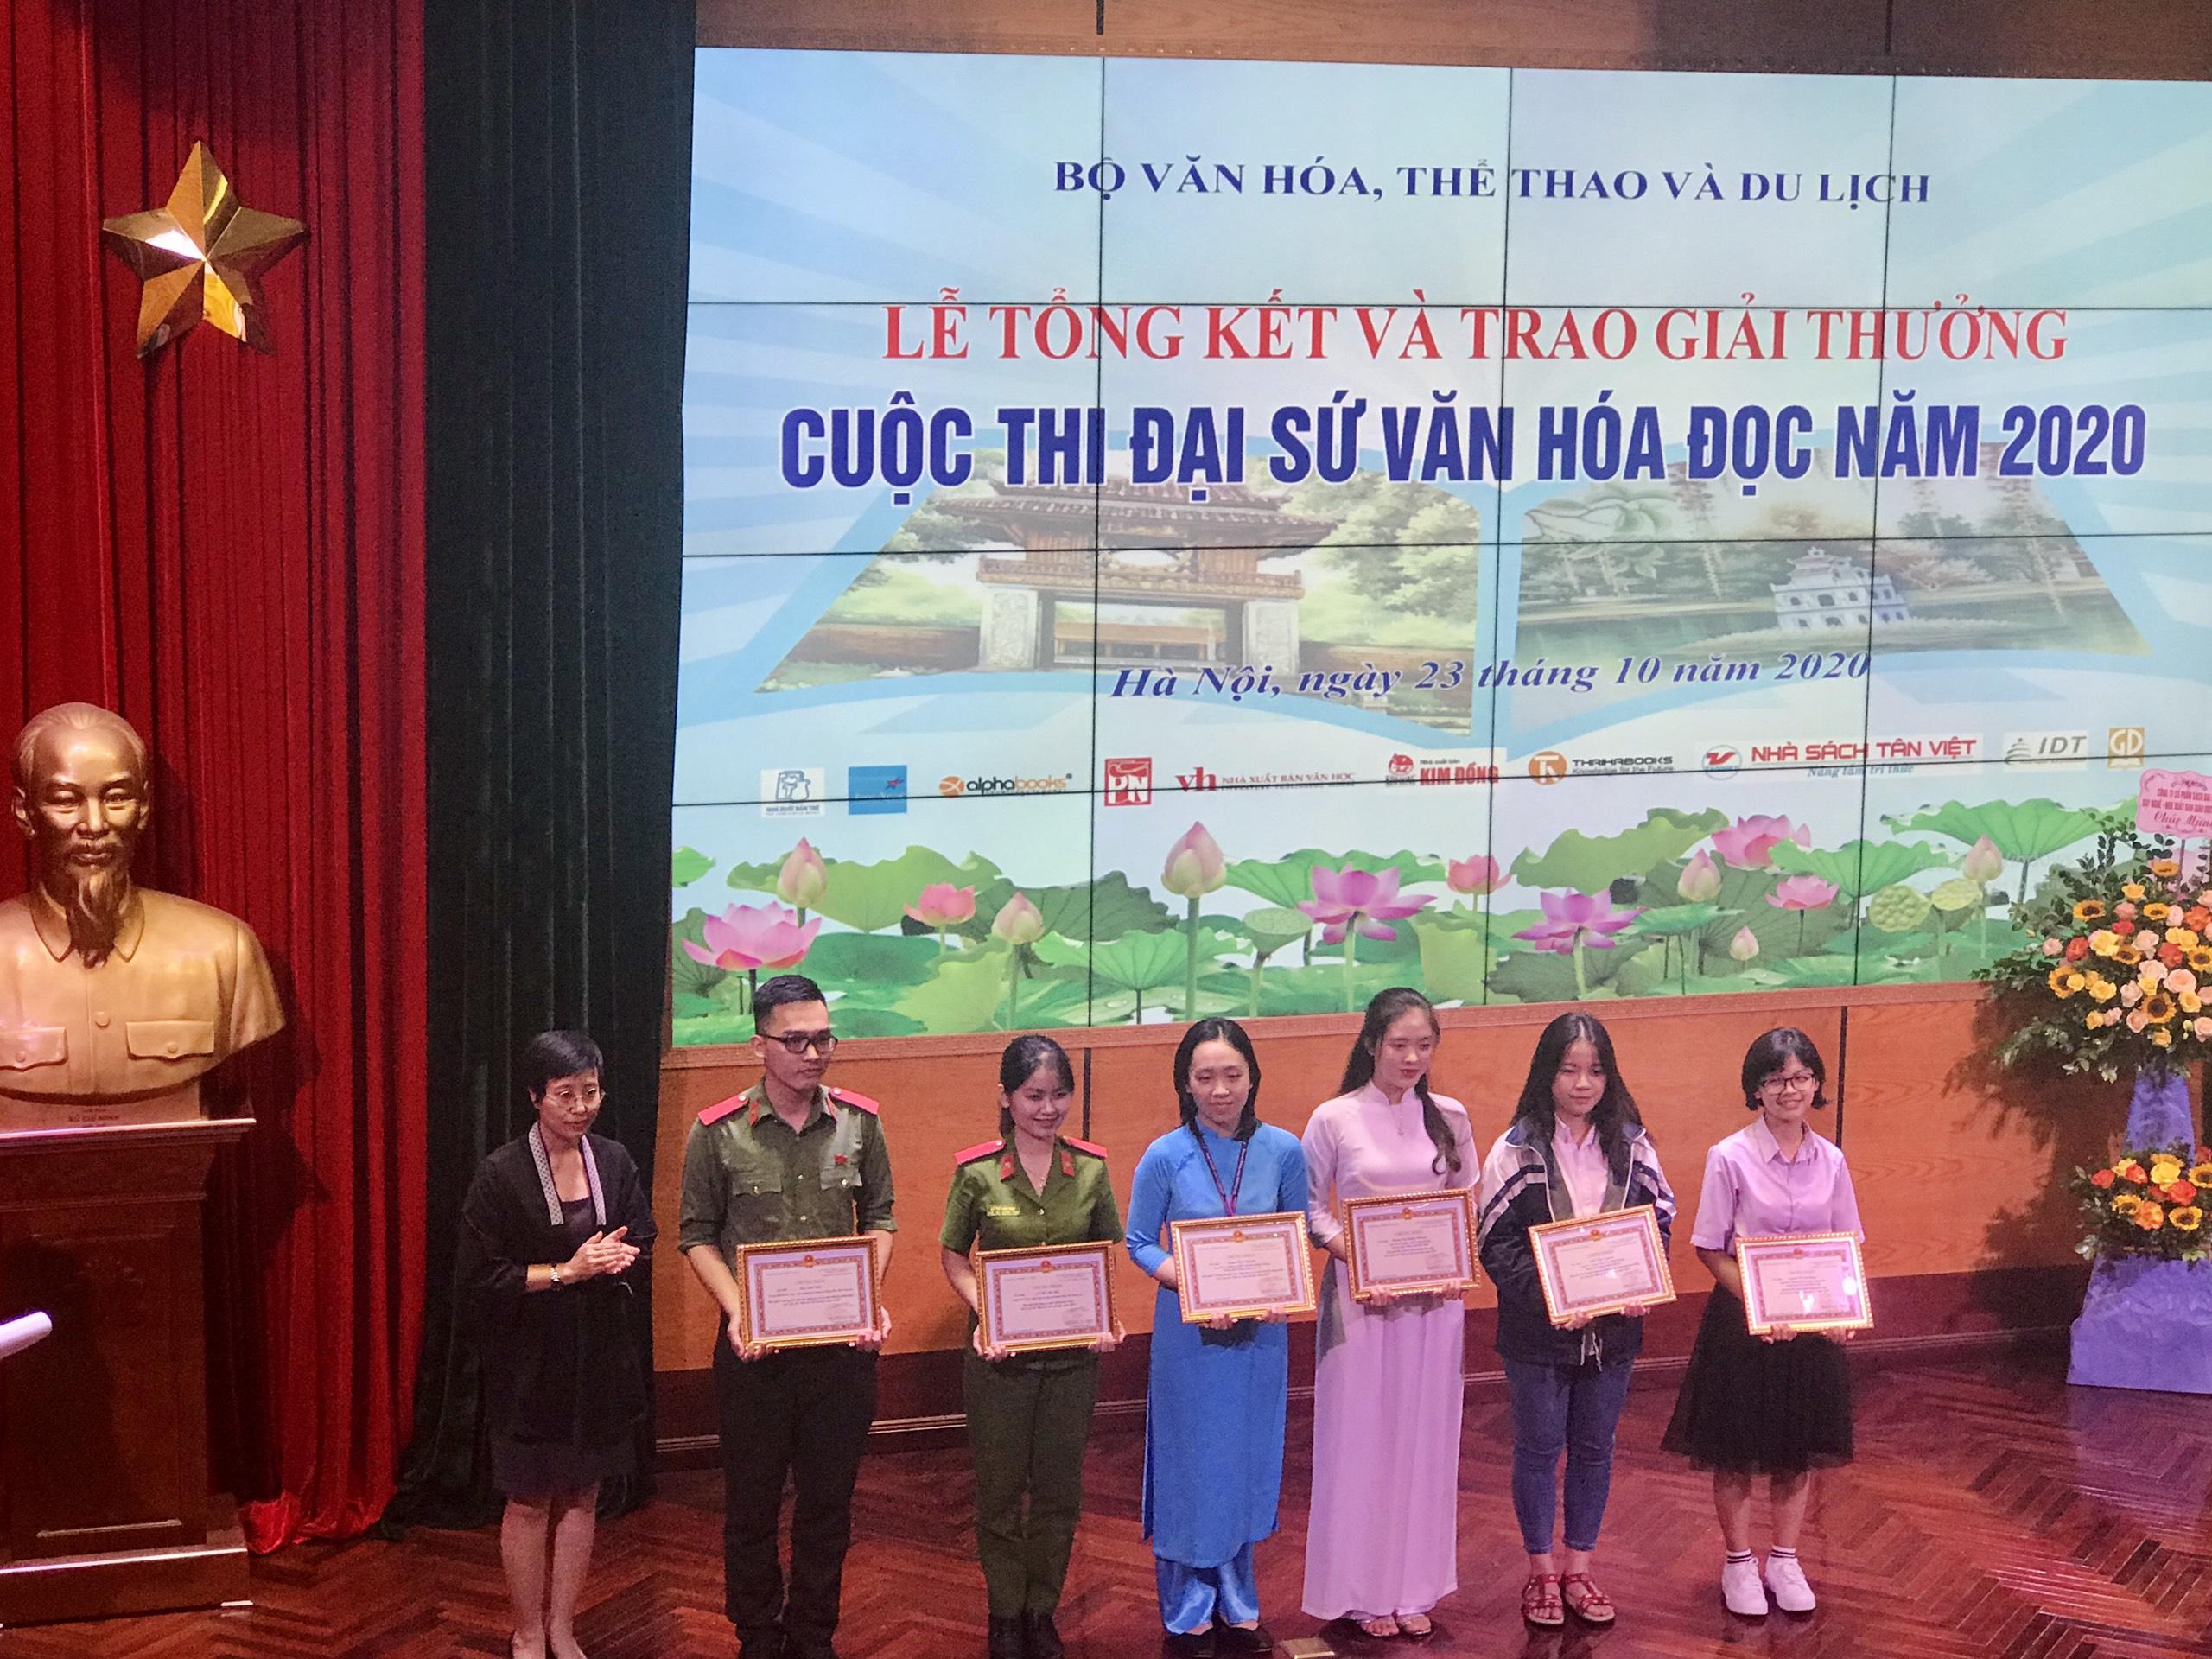 Lễ trao giải cuộc thi Đại sứ Văn hóa đọc 2020